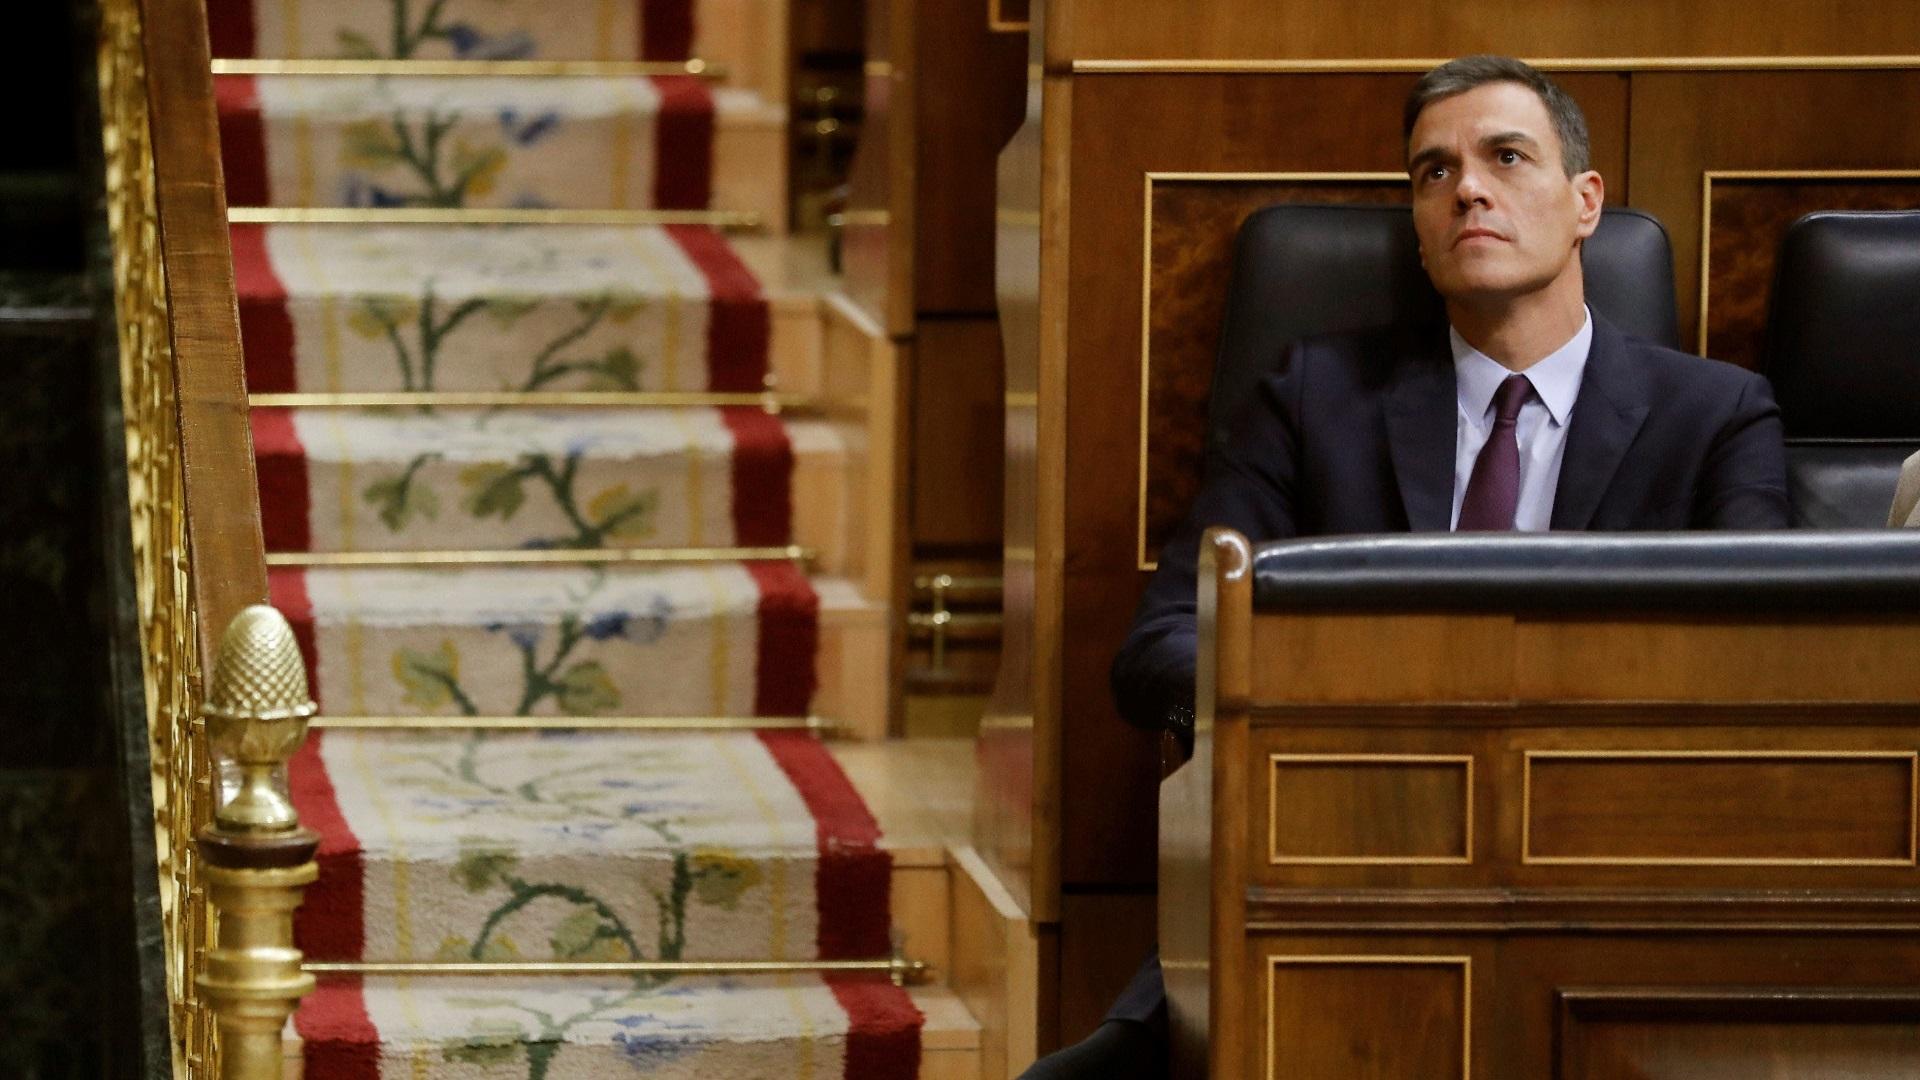 Especial Informativo - Debate Presupuestos Generales del Estado (2) - 12/02/19